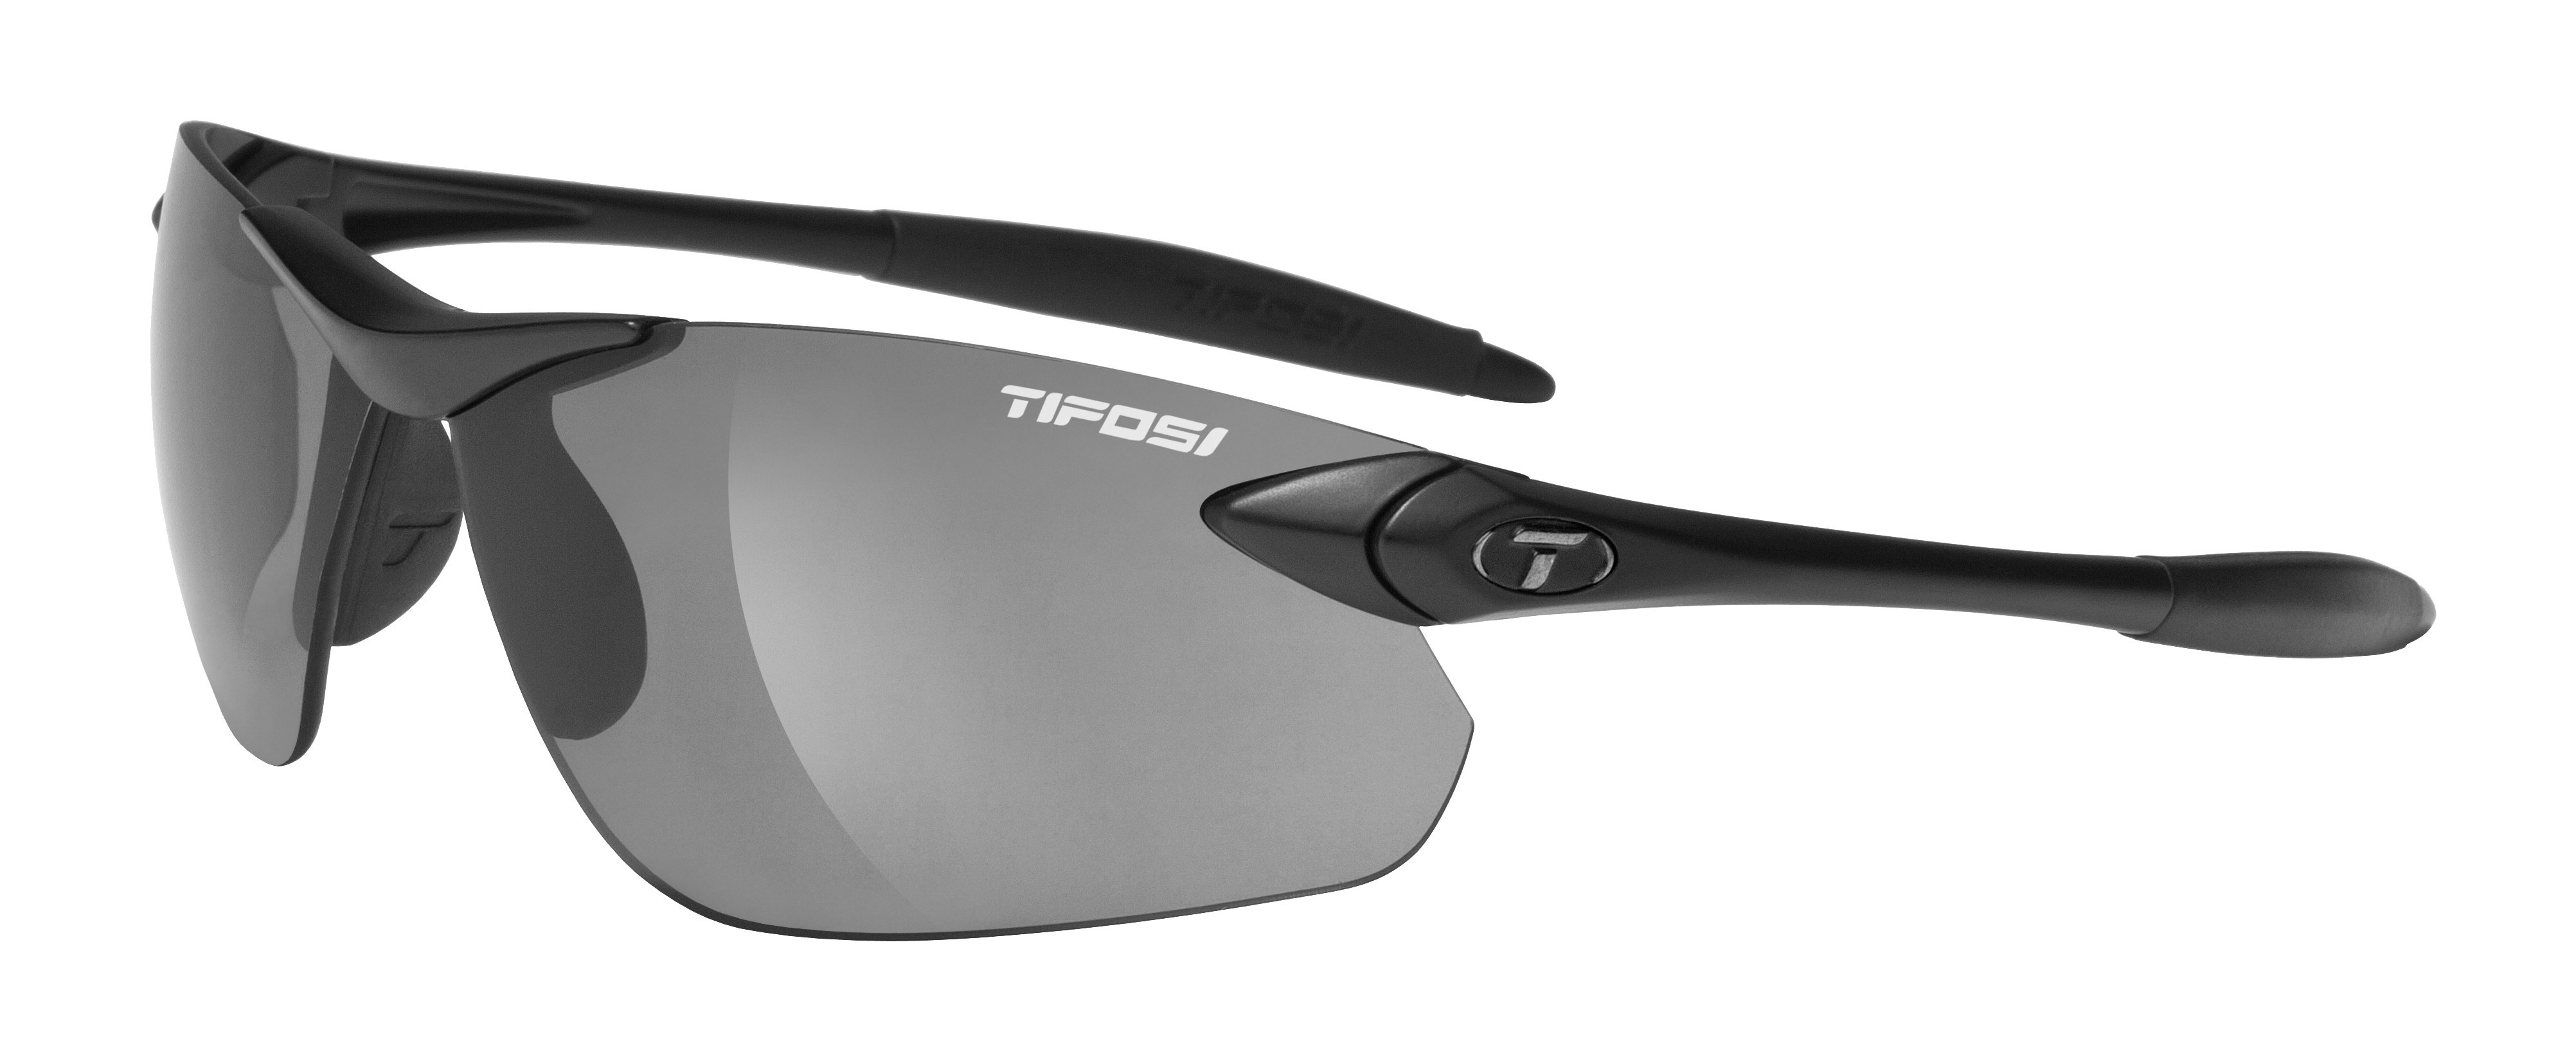 BBB Glasses Impulse small Black mat. PC Smoke flash mirror lenses